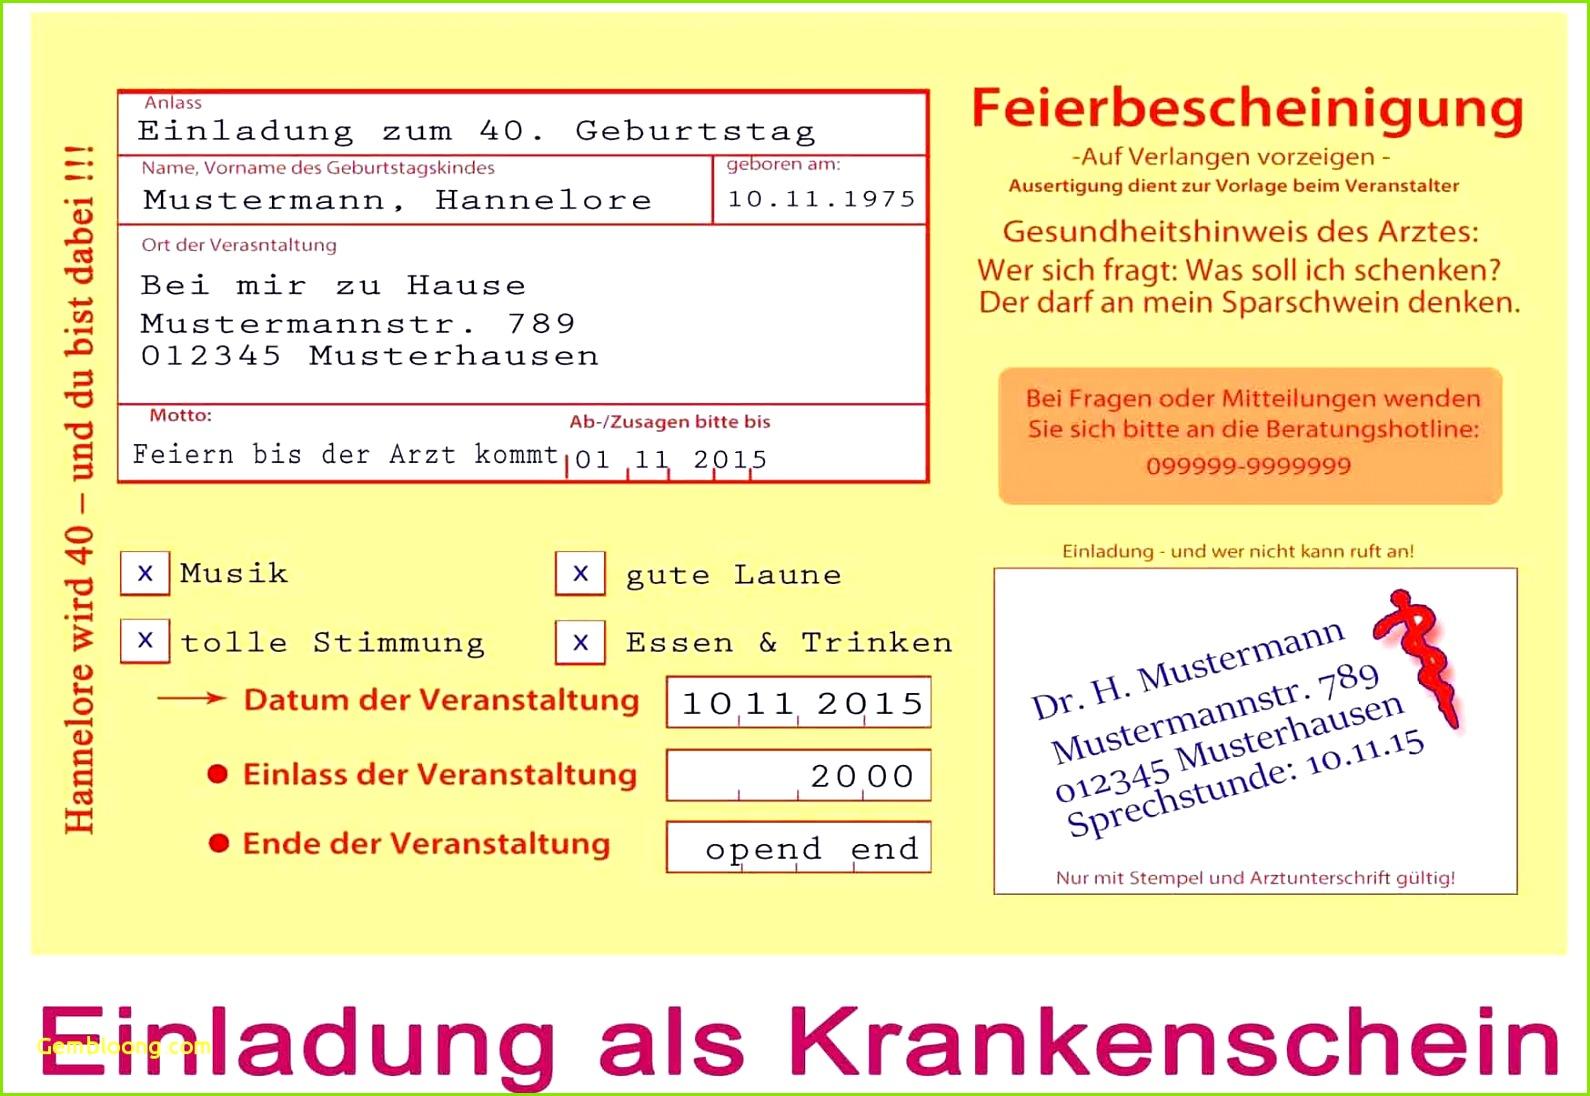 Kindergeburtstag Einladung Vorlage Wunderschönen Einladungskarten Vorlagen Geburtstag Vorlagen Einladungen 0d Konzept